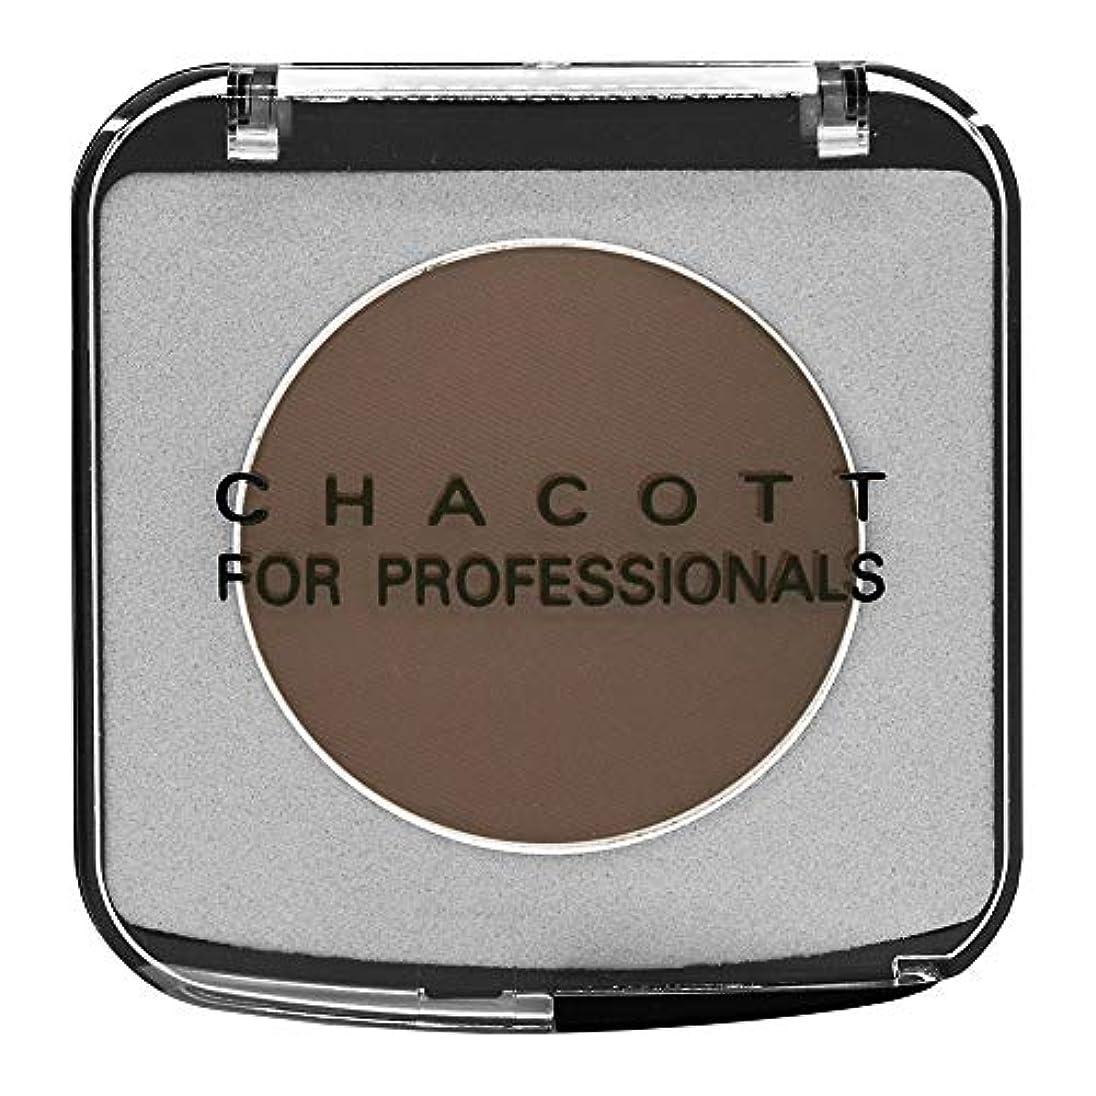 持っている指解明するCHACOTT<チャコット> カラーバリエーション 605.チョコレートブラウン